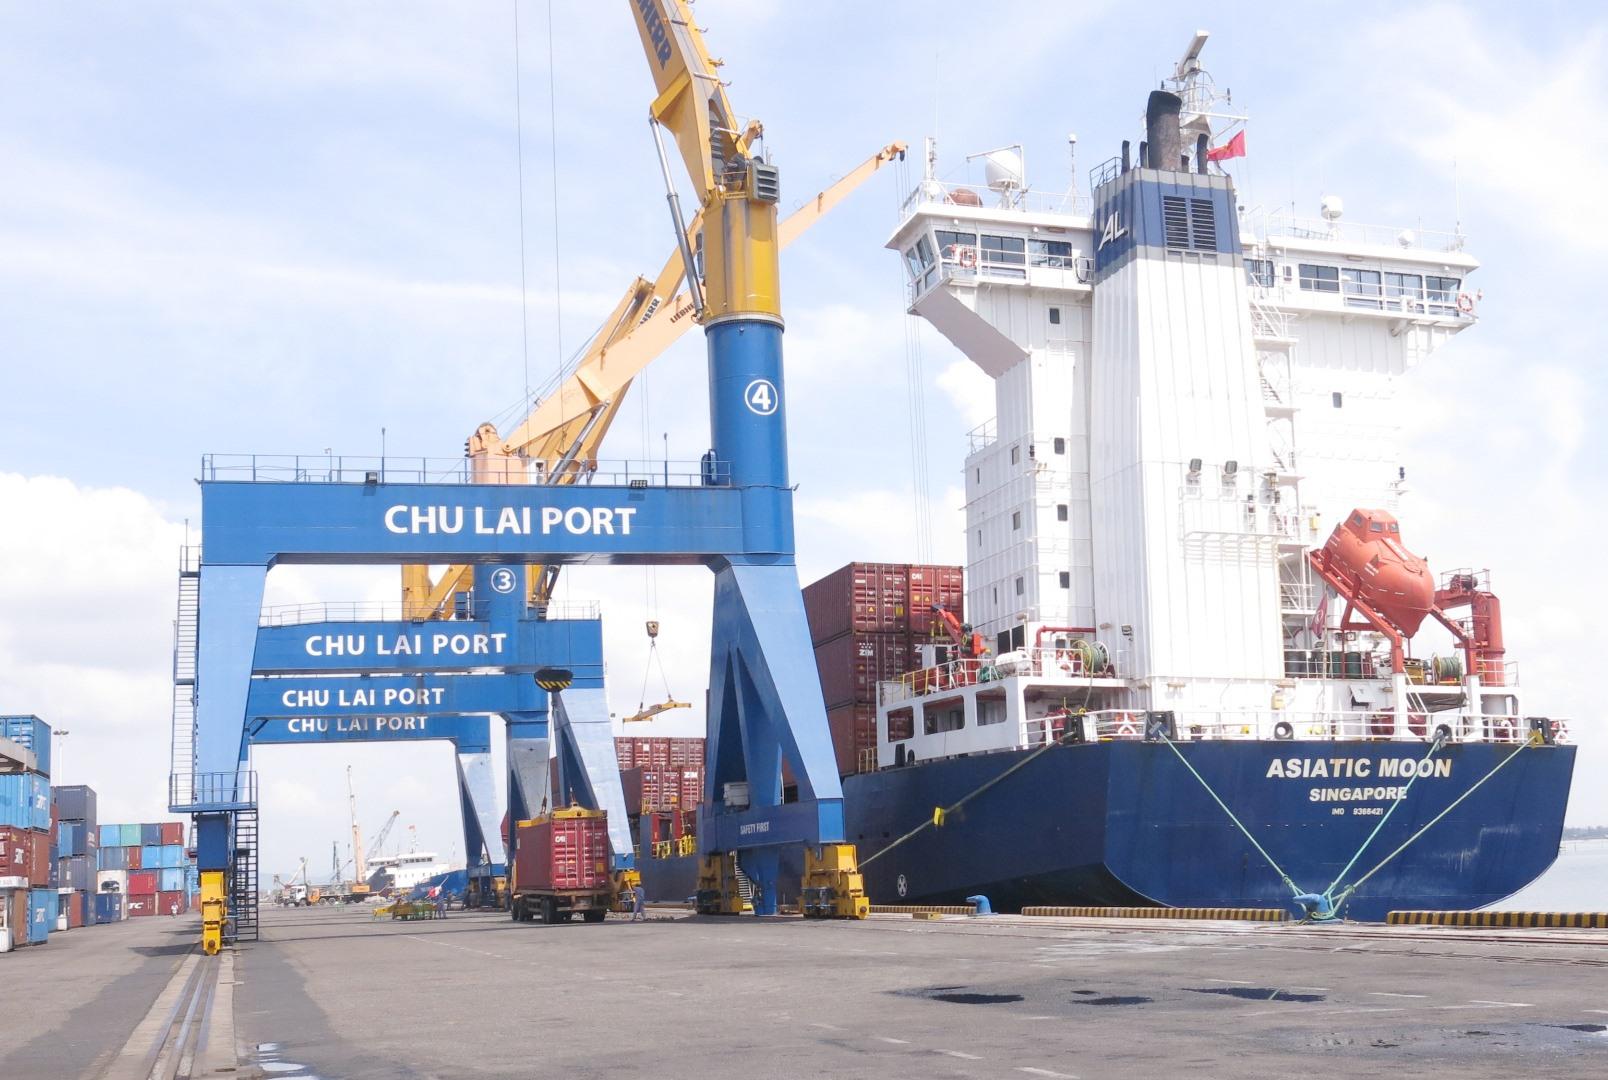 Tàu cập cảng và nhiều phương tiện, khách hàng ra vào cảng tạo ra nguy cơ lây nhiễm dịch bệnh tại cảng Chu Lai - Trường Hải. Ảnh: T.DŨNG